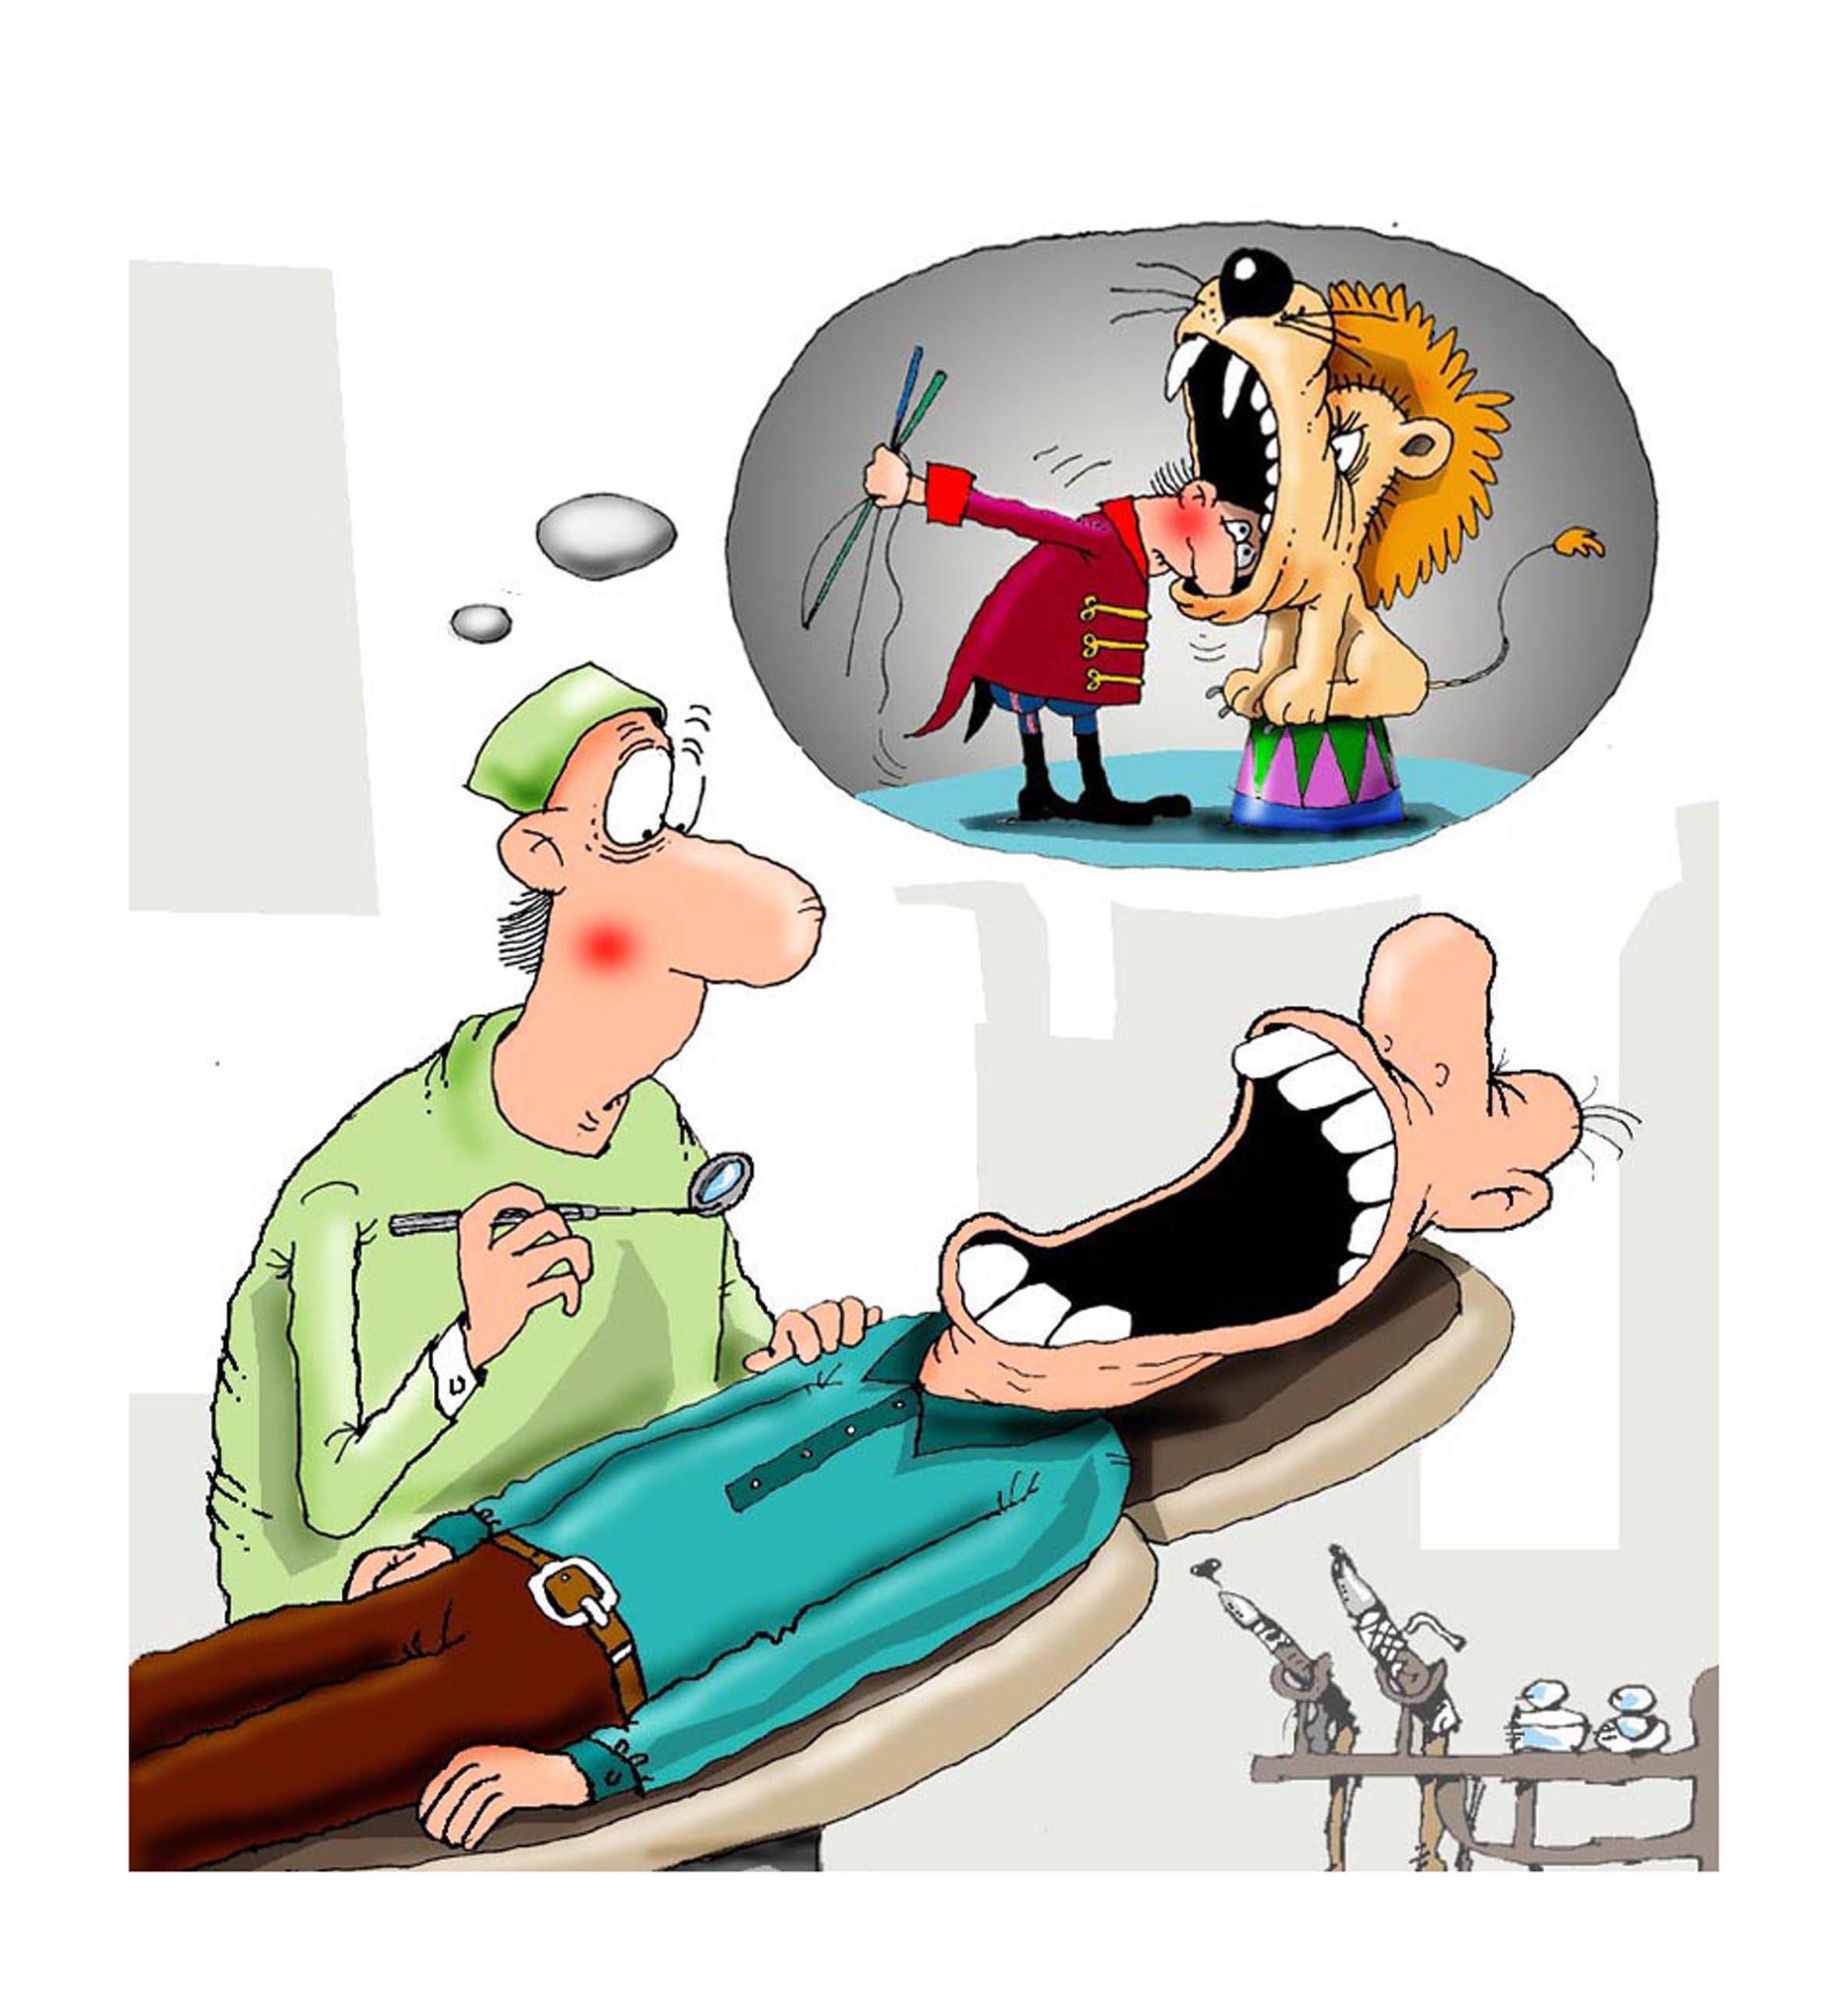 Смешной стоматолог картинка, картинки смешные прикольные